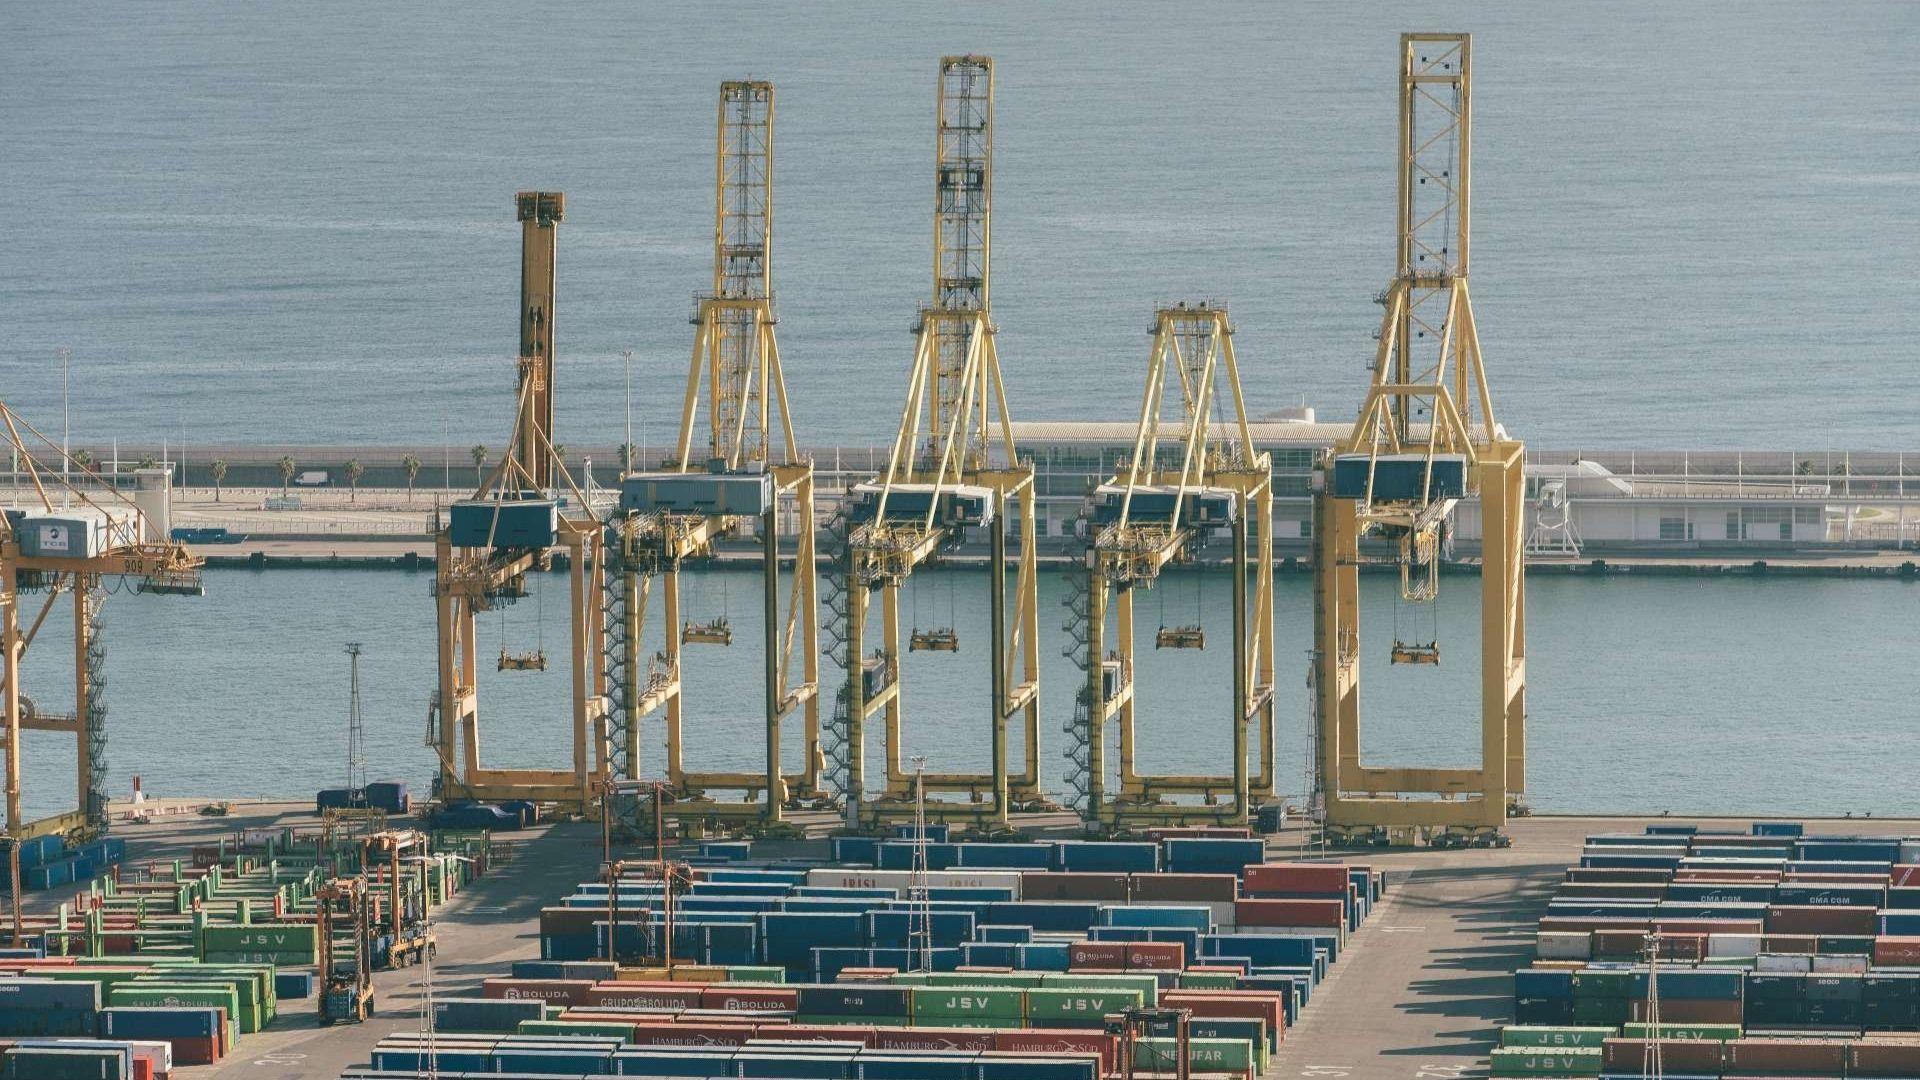 contenidors i grues al port de barcelona